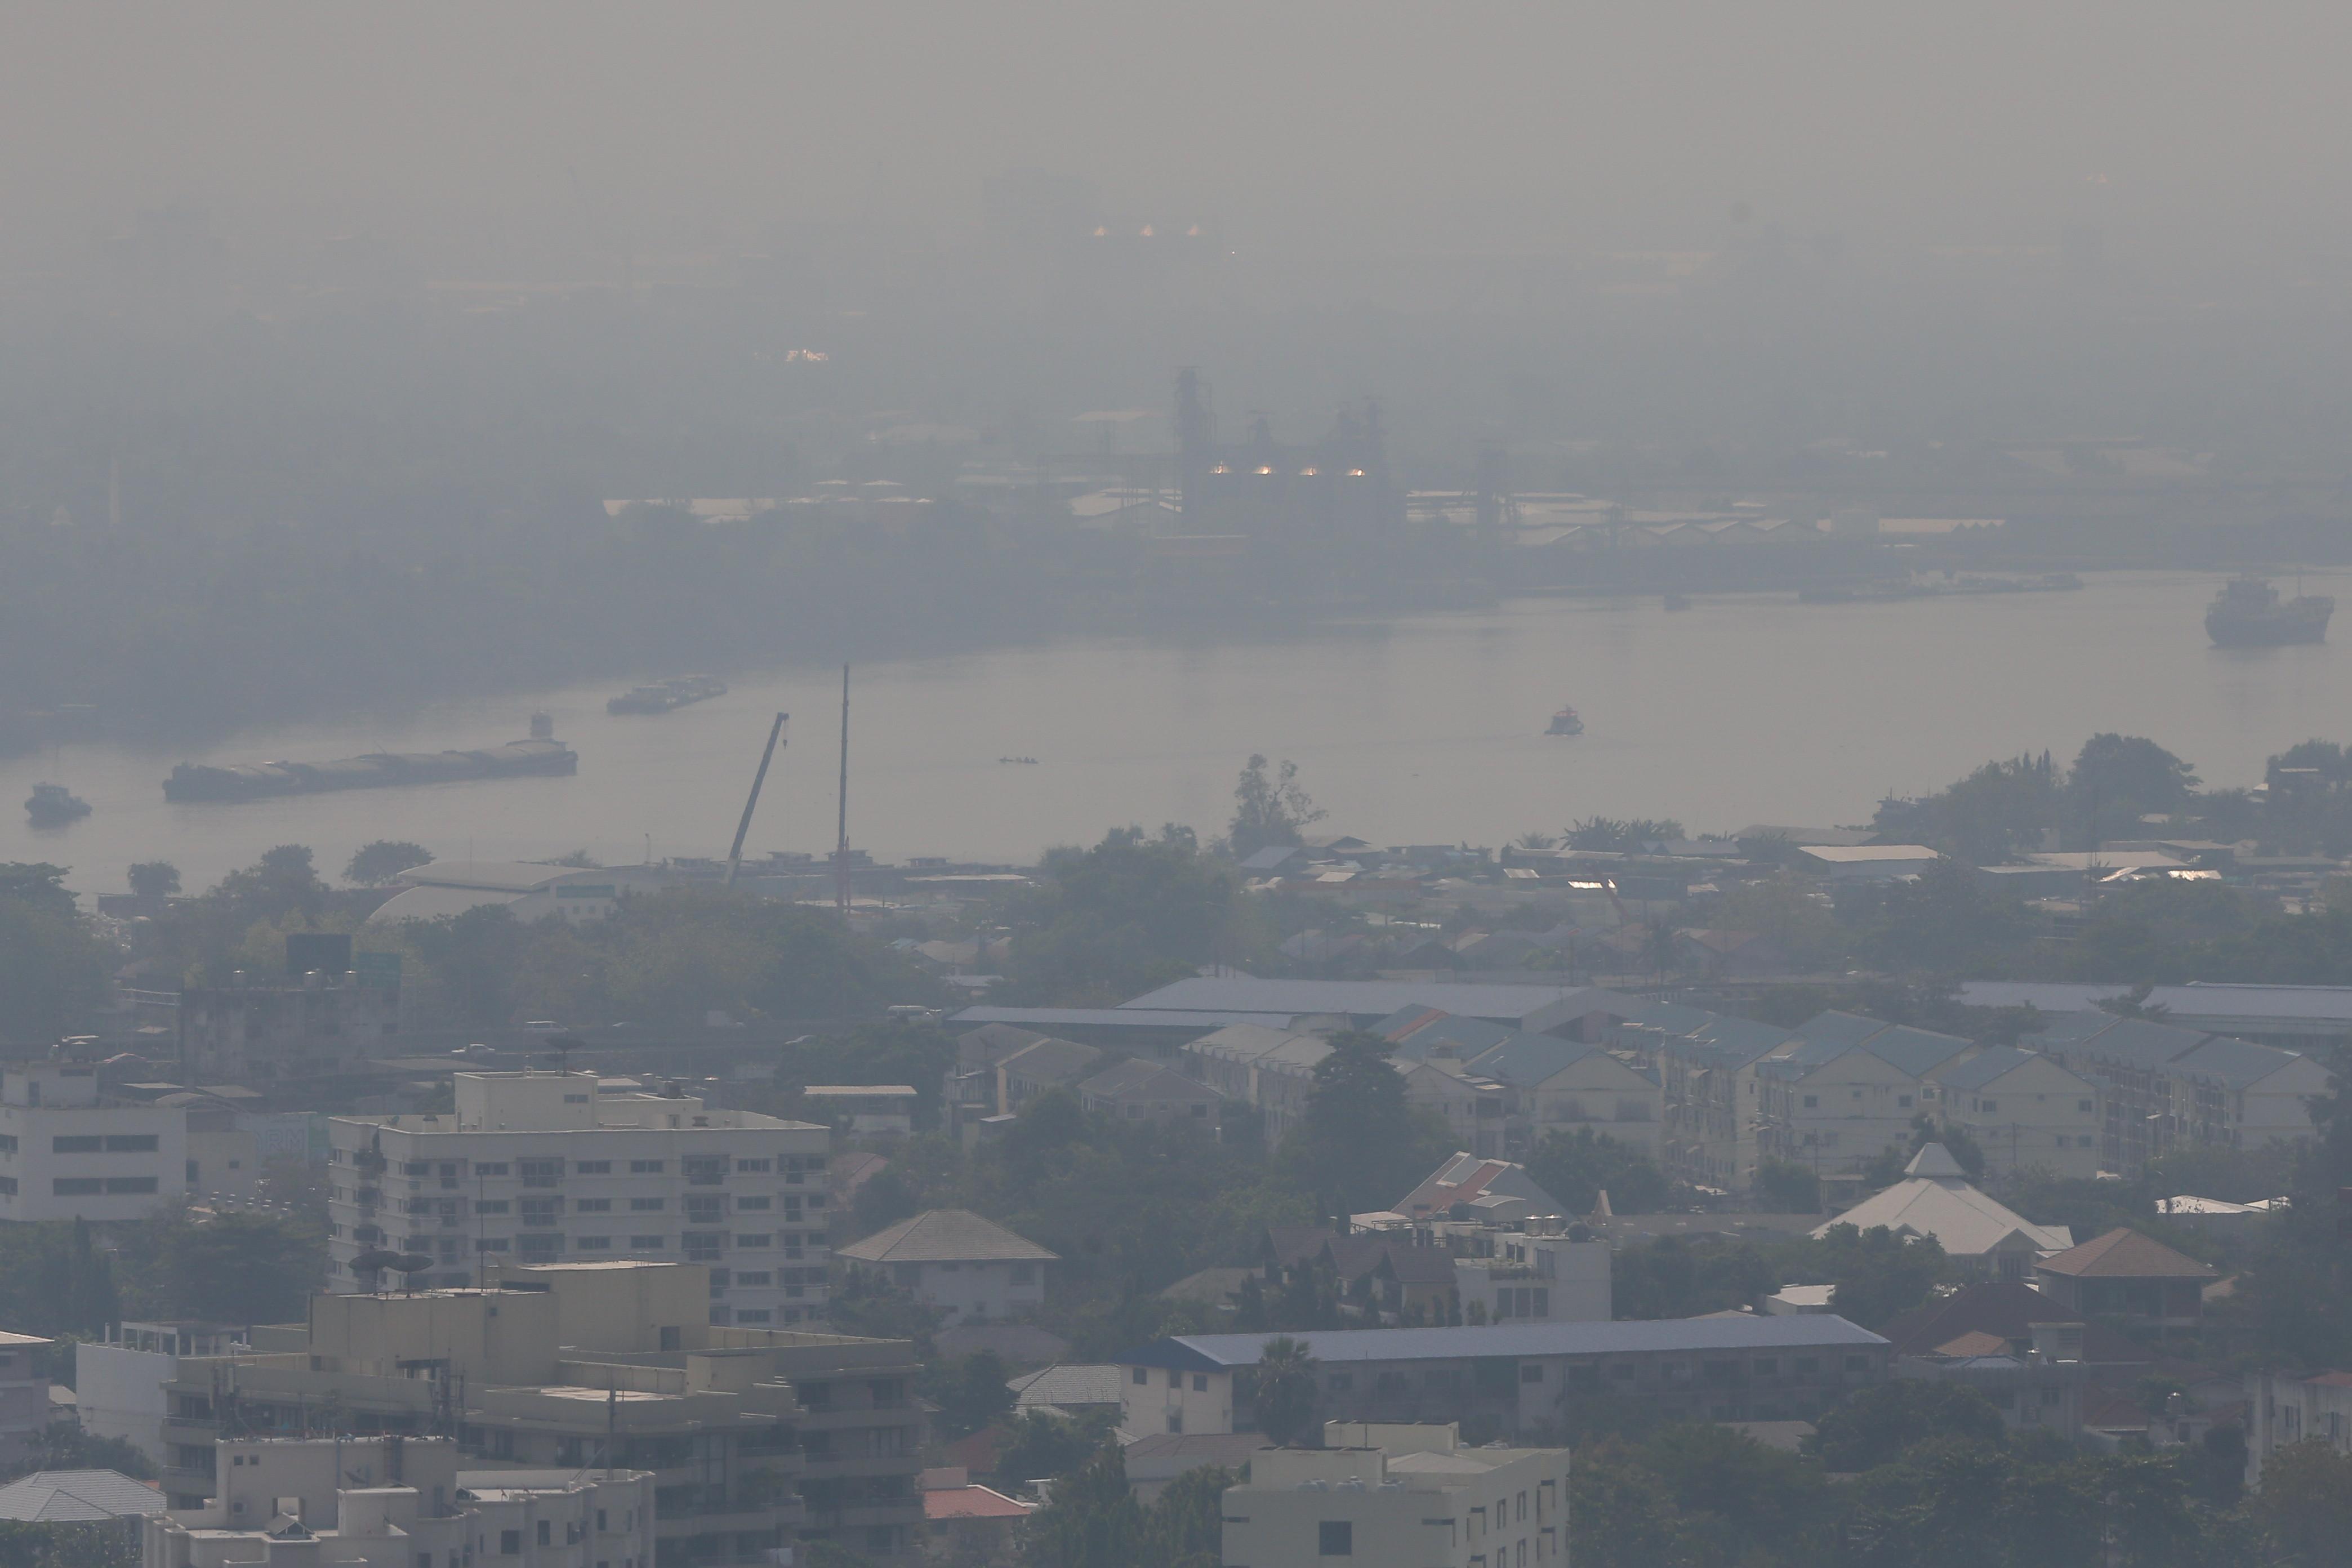 Smog over the Chao Phraya river in Bangkok, Thailand